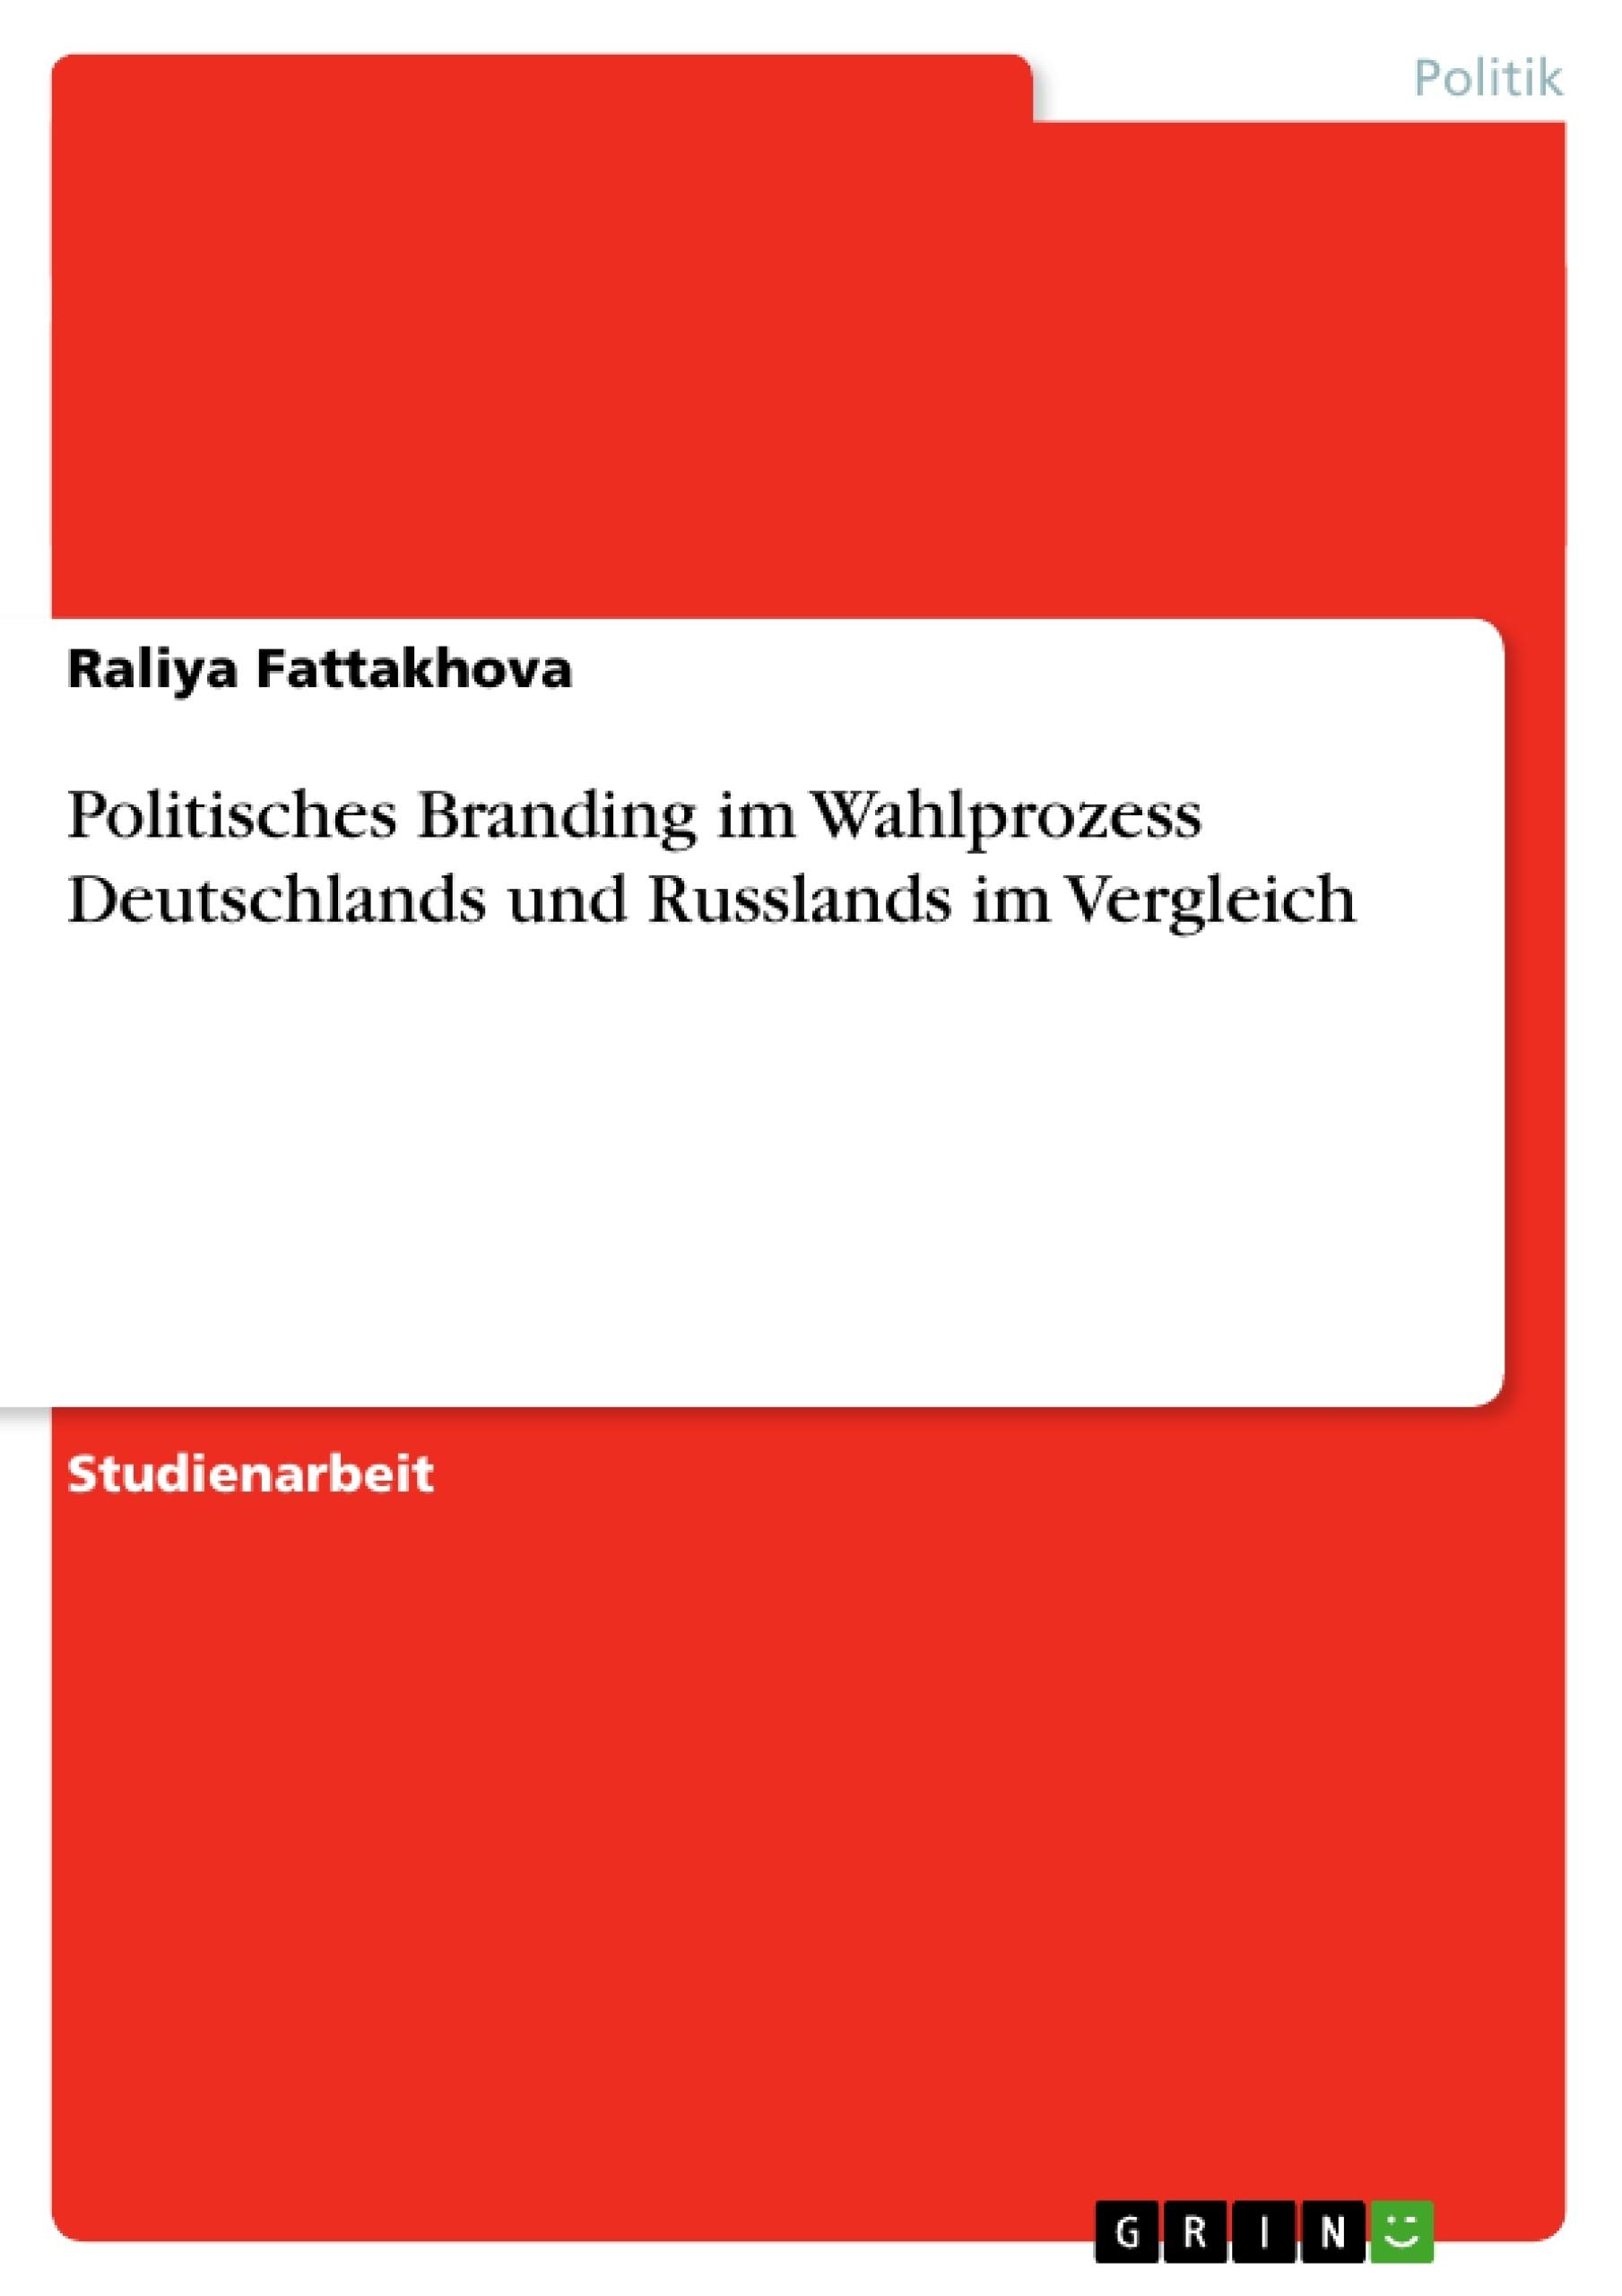 Titel: Politisches Branding im Wahlprozess Deutschlands und Russlands im Vergleich